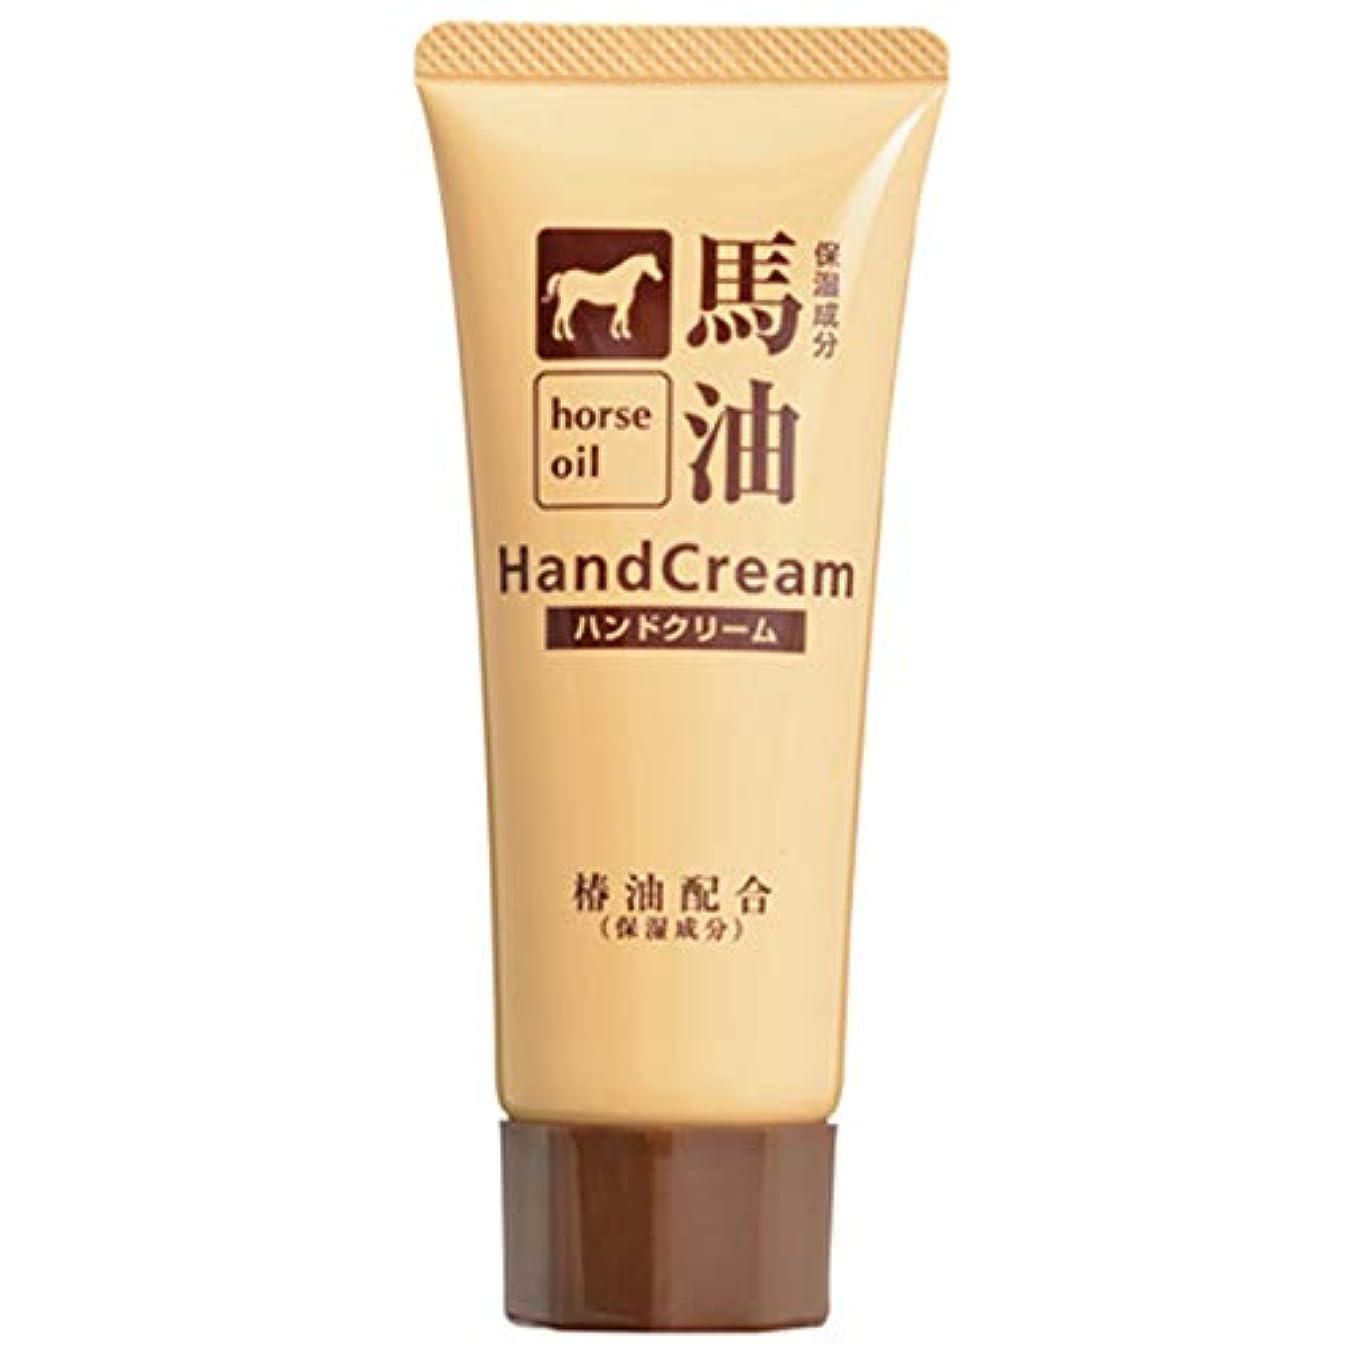 水平立証する薬剤師熊野油脂 椿油配合馬油ハンドクリーム 60g